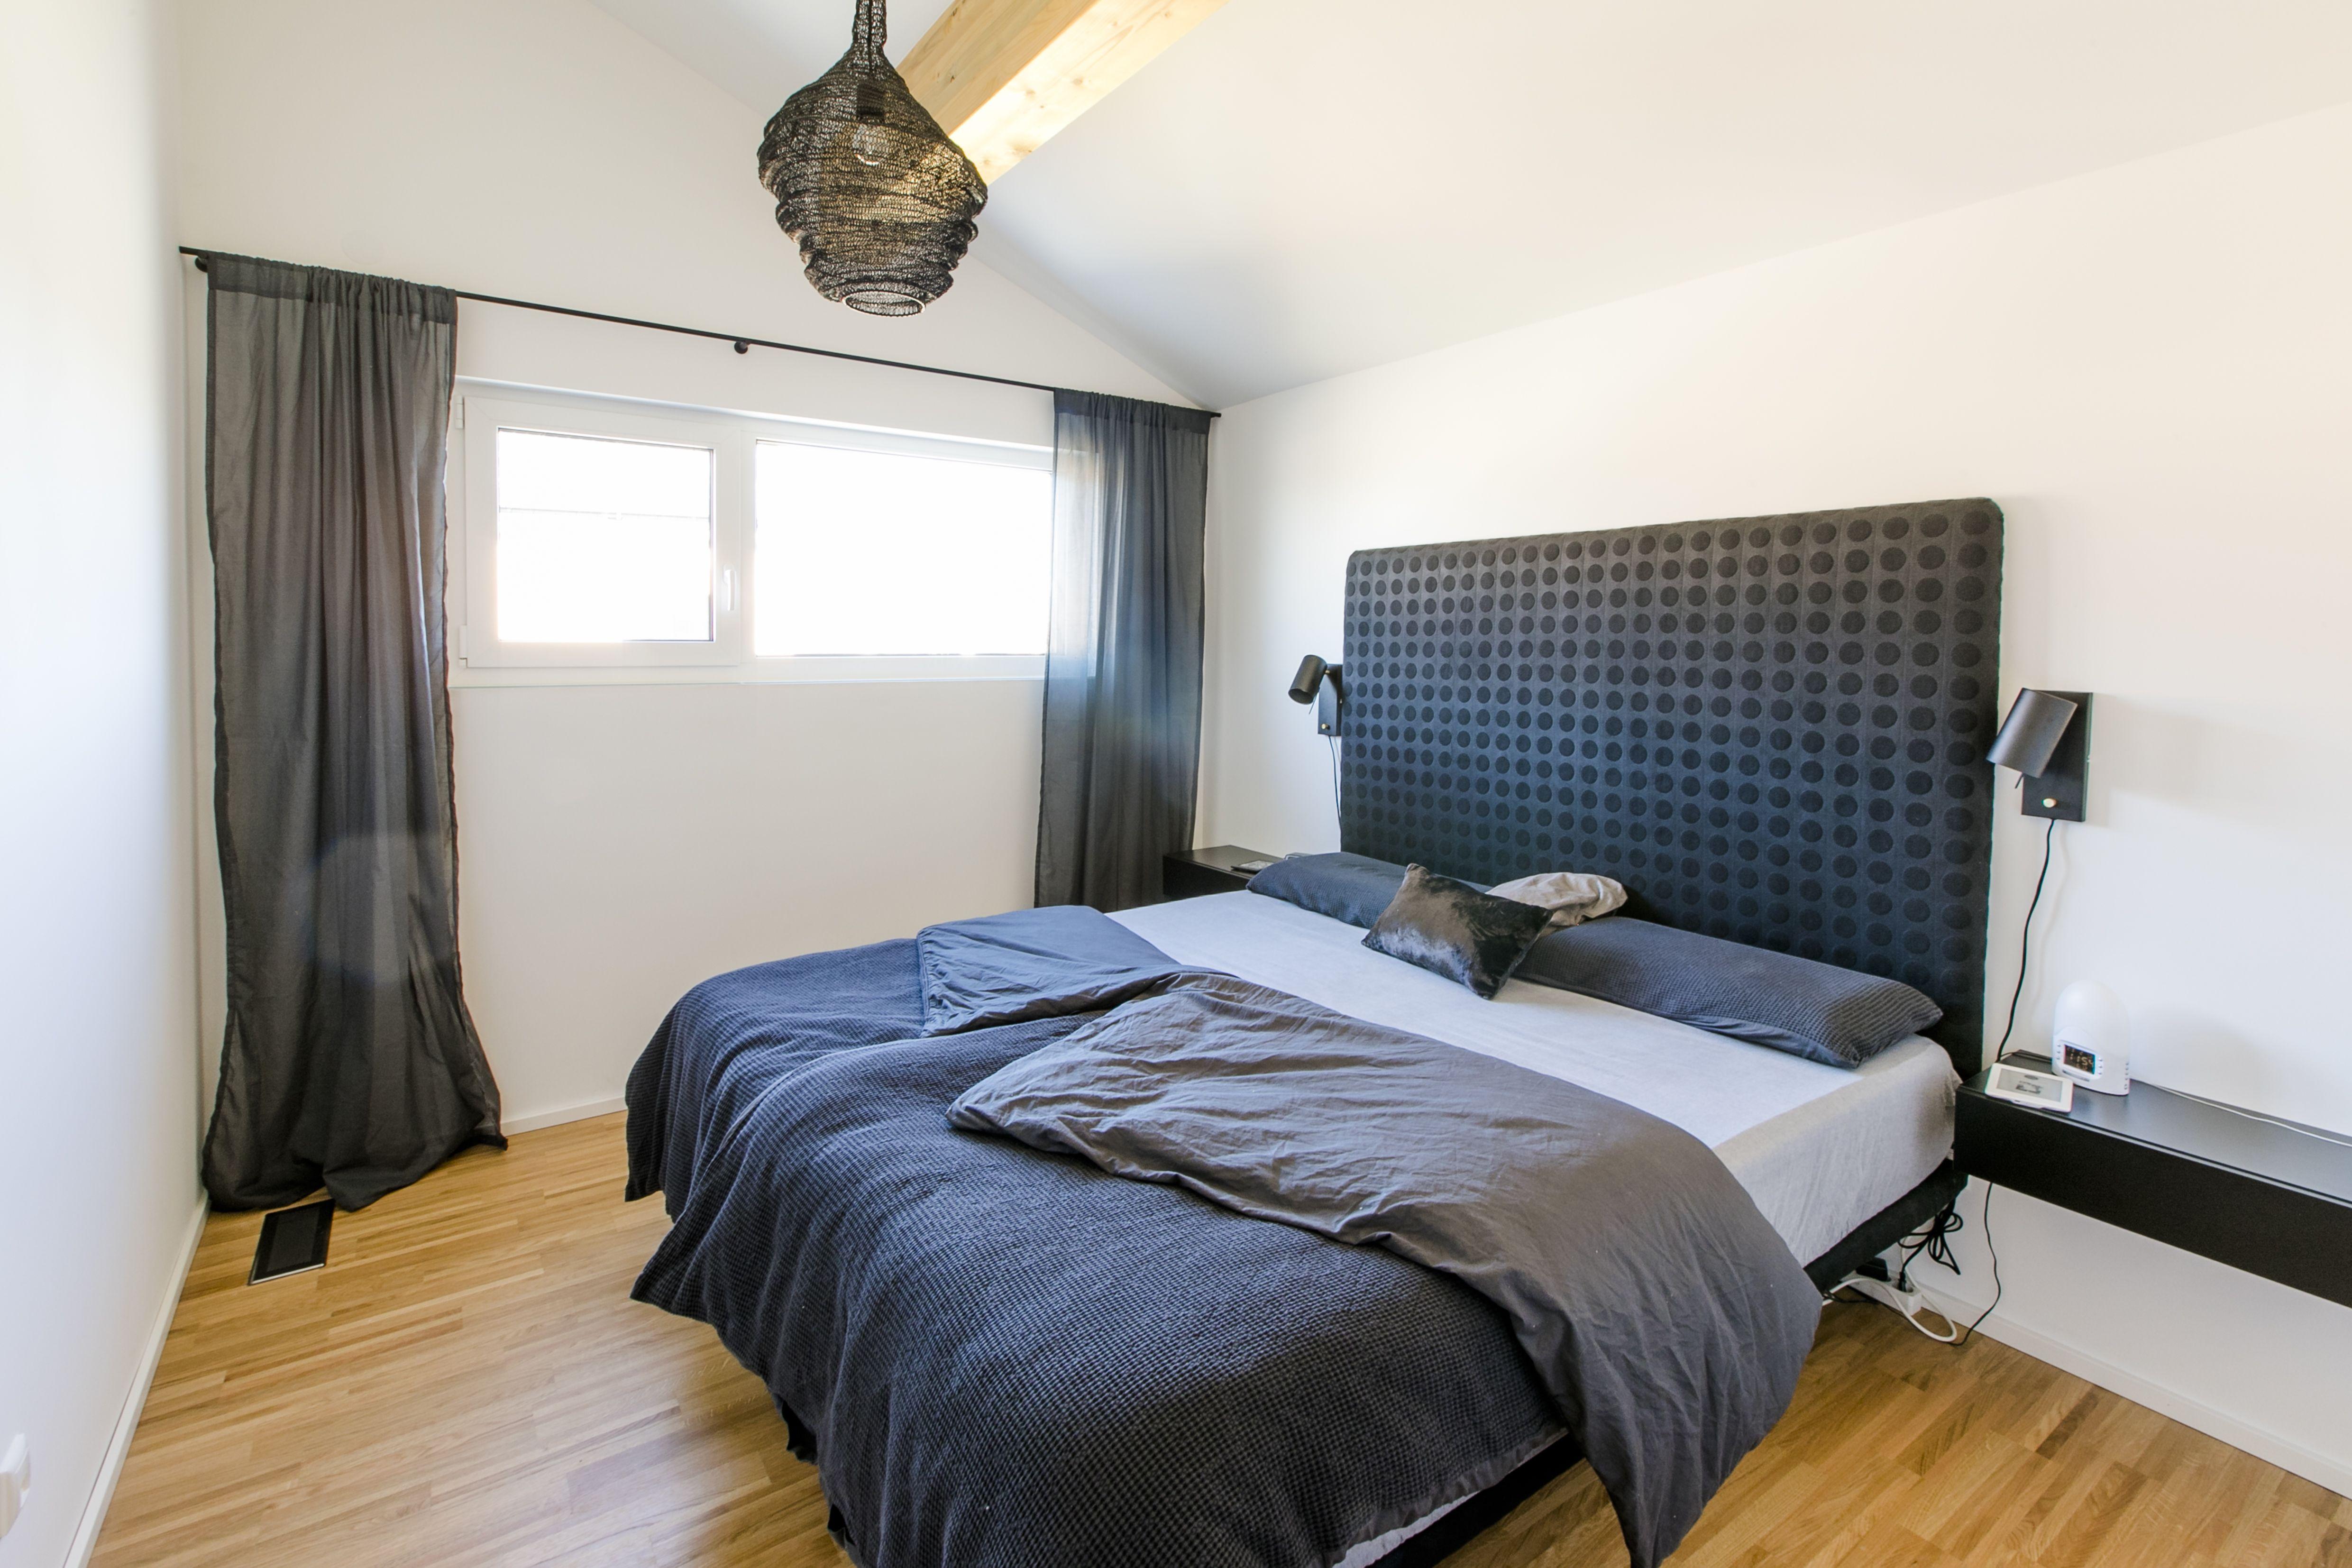 Schlicht Gehaltenes Schlafzimmer Mit Deckenbalken #Black